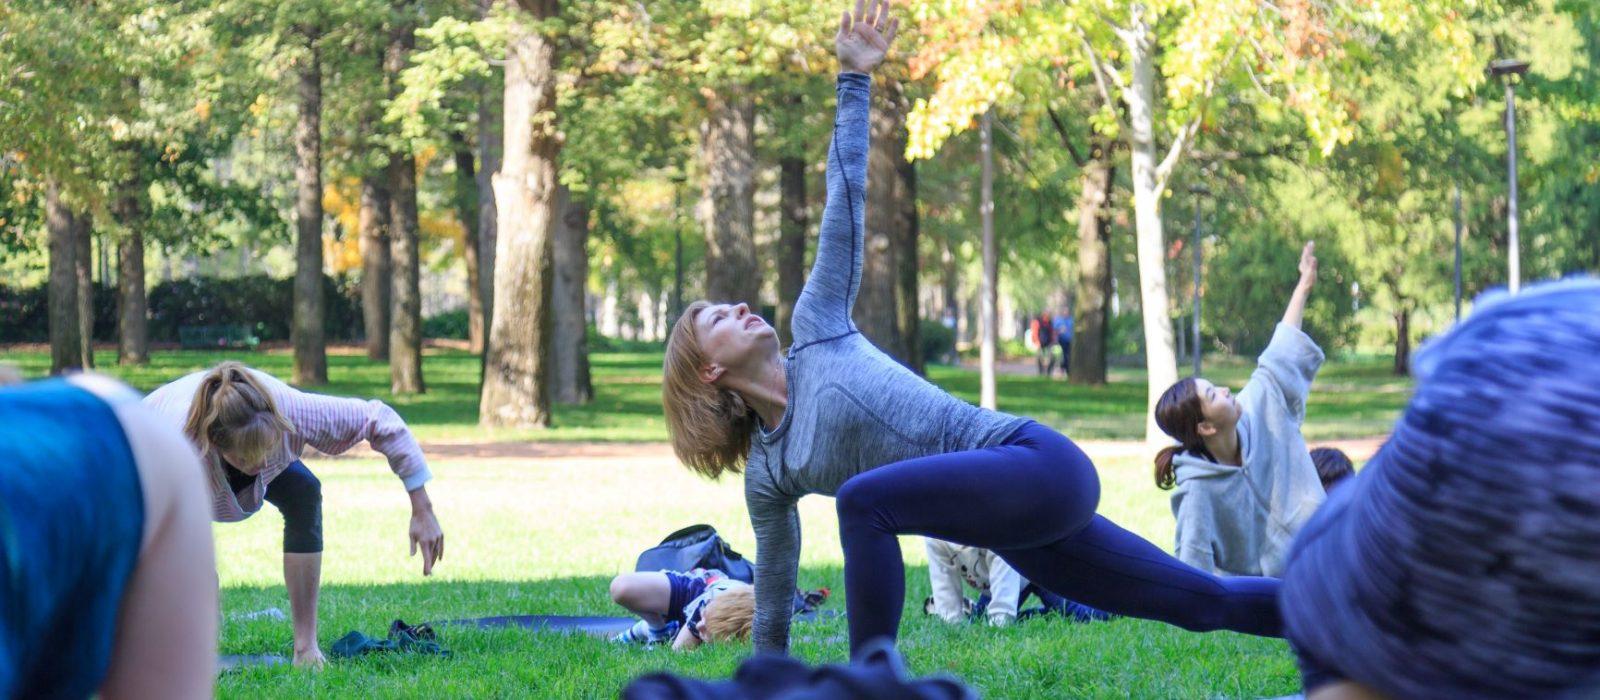 Yoga with Kanishka. Image: Lululemon